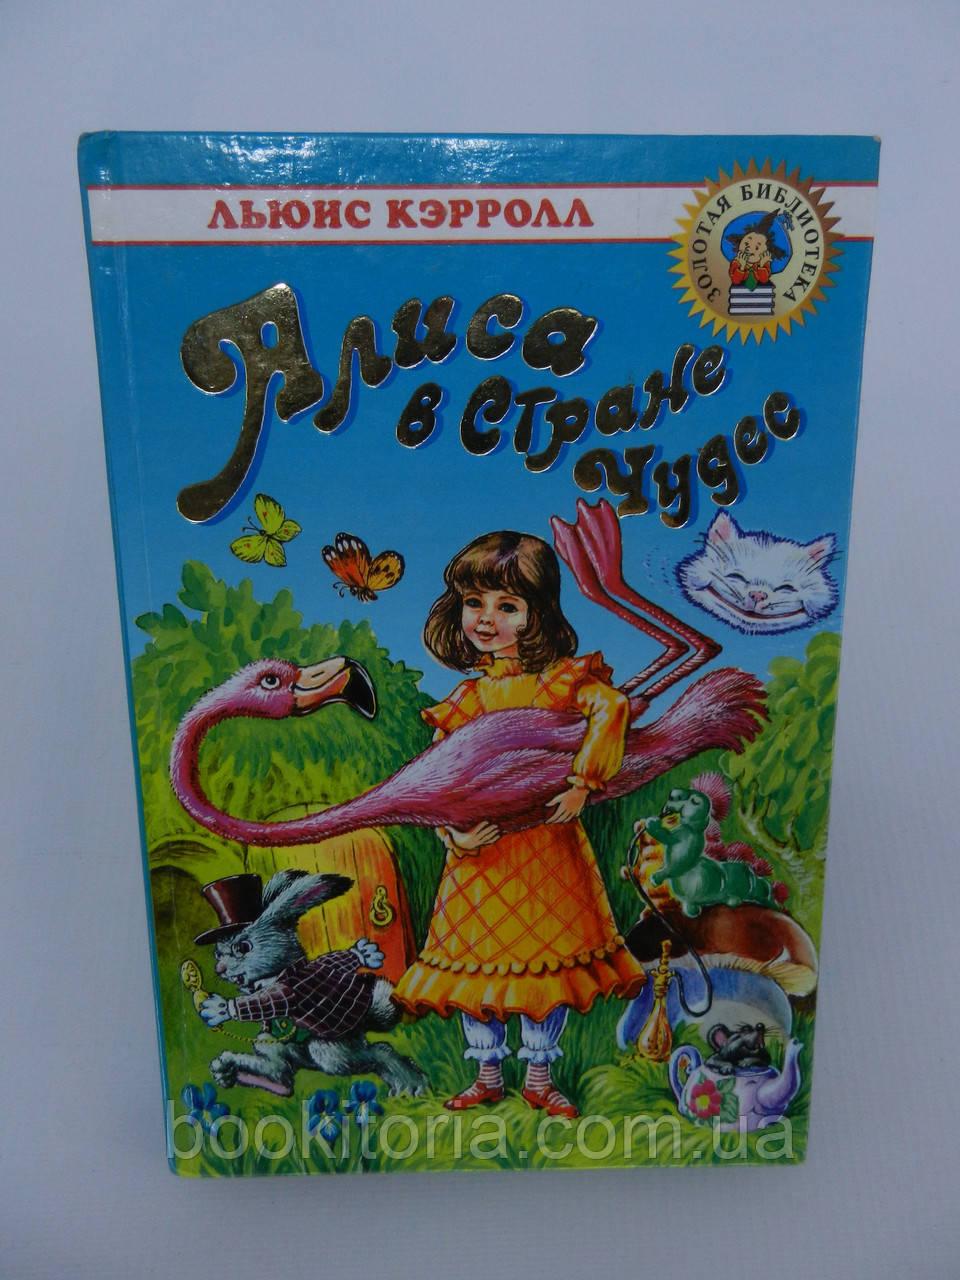 Кэрролл Л. Алиса в Стране Чудес. Чапек К. Большая кошачья сказка (б/у).